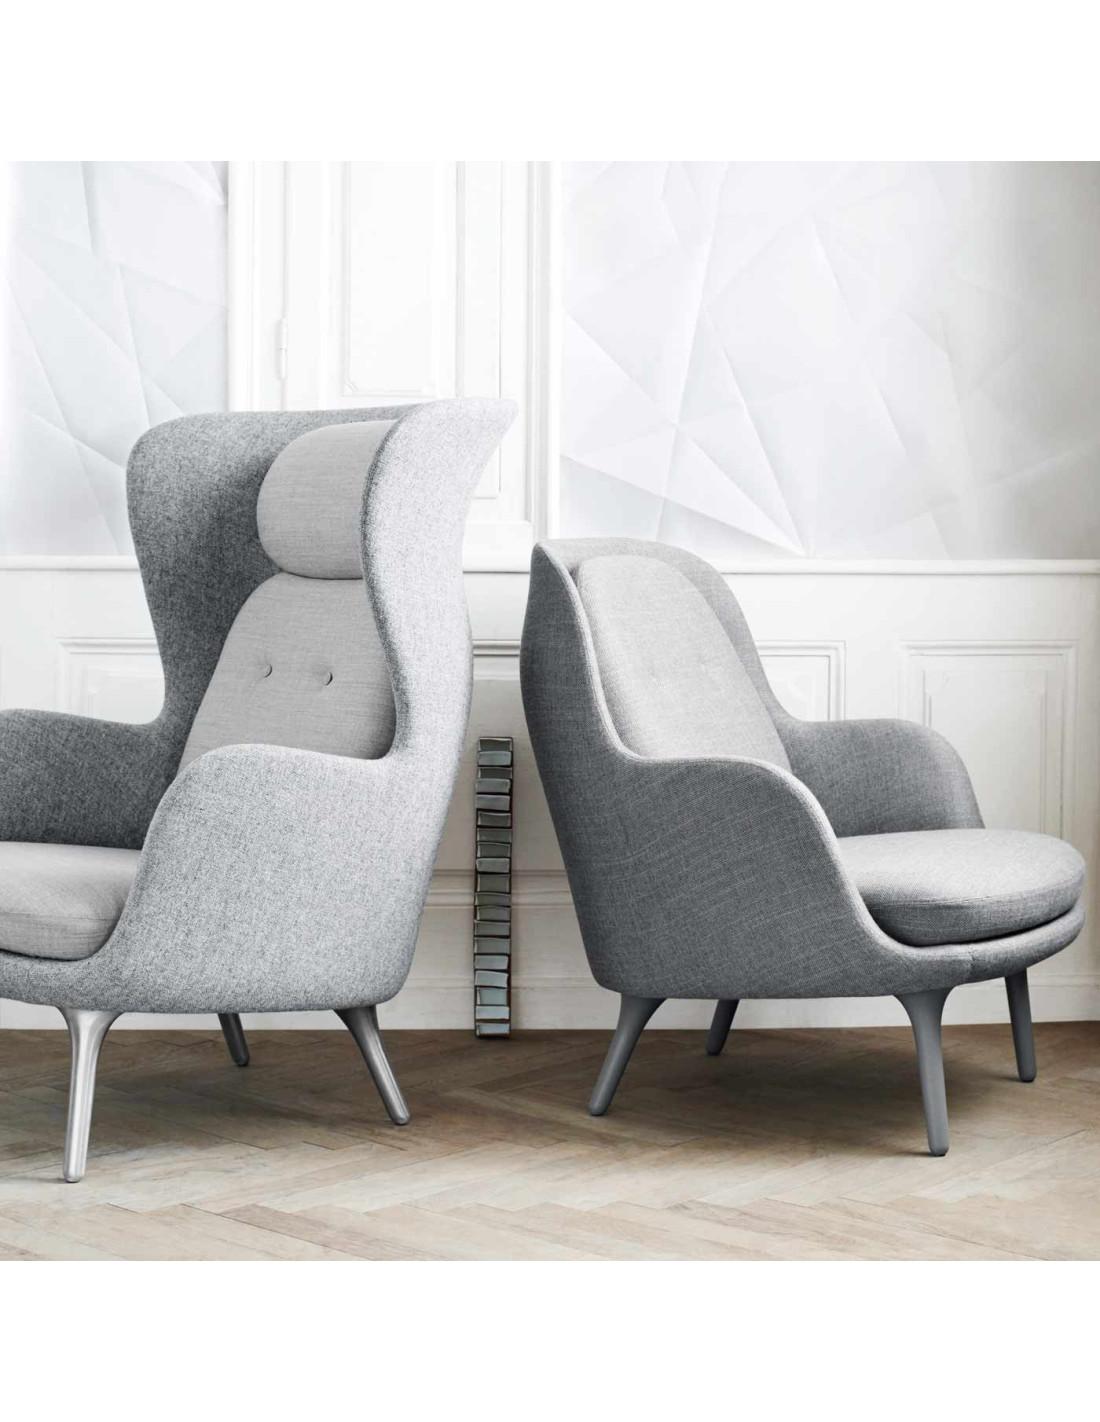 Lounge Chair Ro Jaime Hayon Fritz Hansen